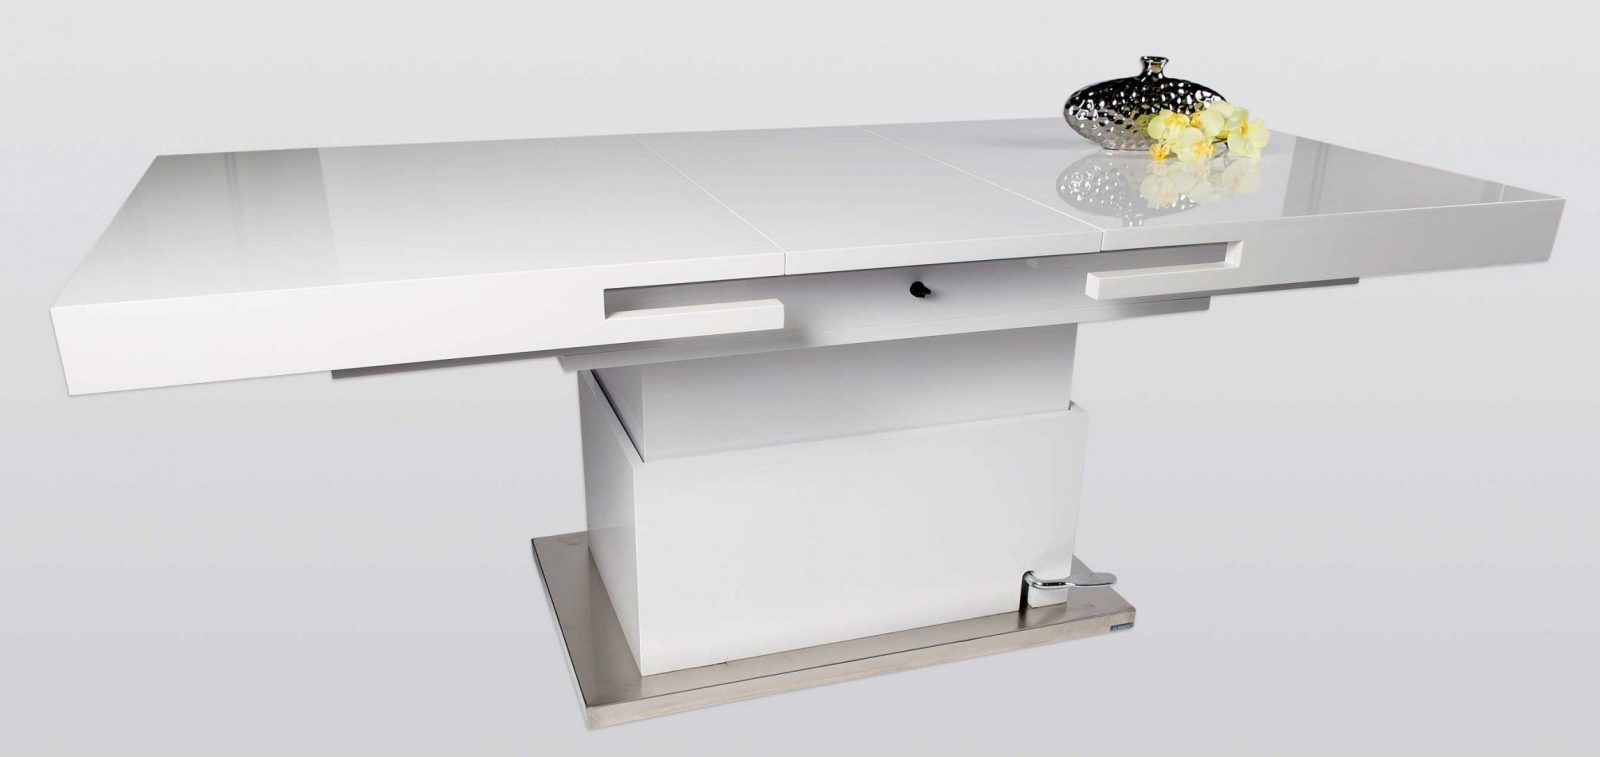 Hl Design Lennox Weißer Couchtisch Höhenverstellbar Ausziehbar von Couchtische Höhenverstellbar Ausziehbar Bild